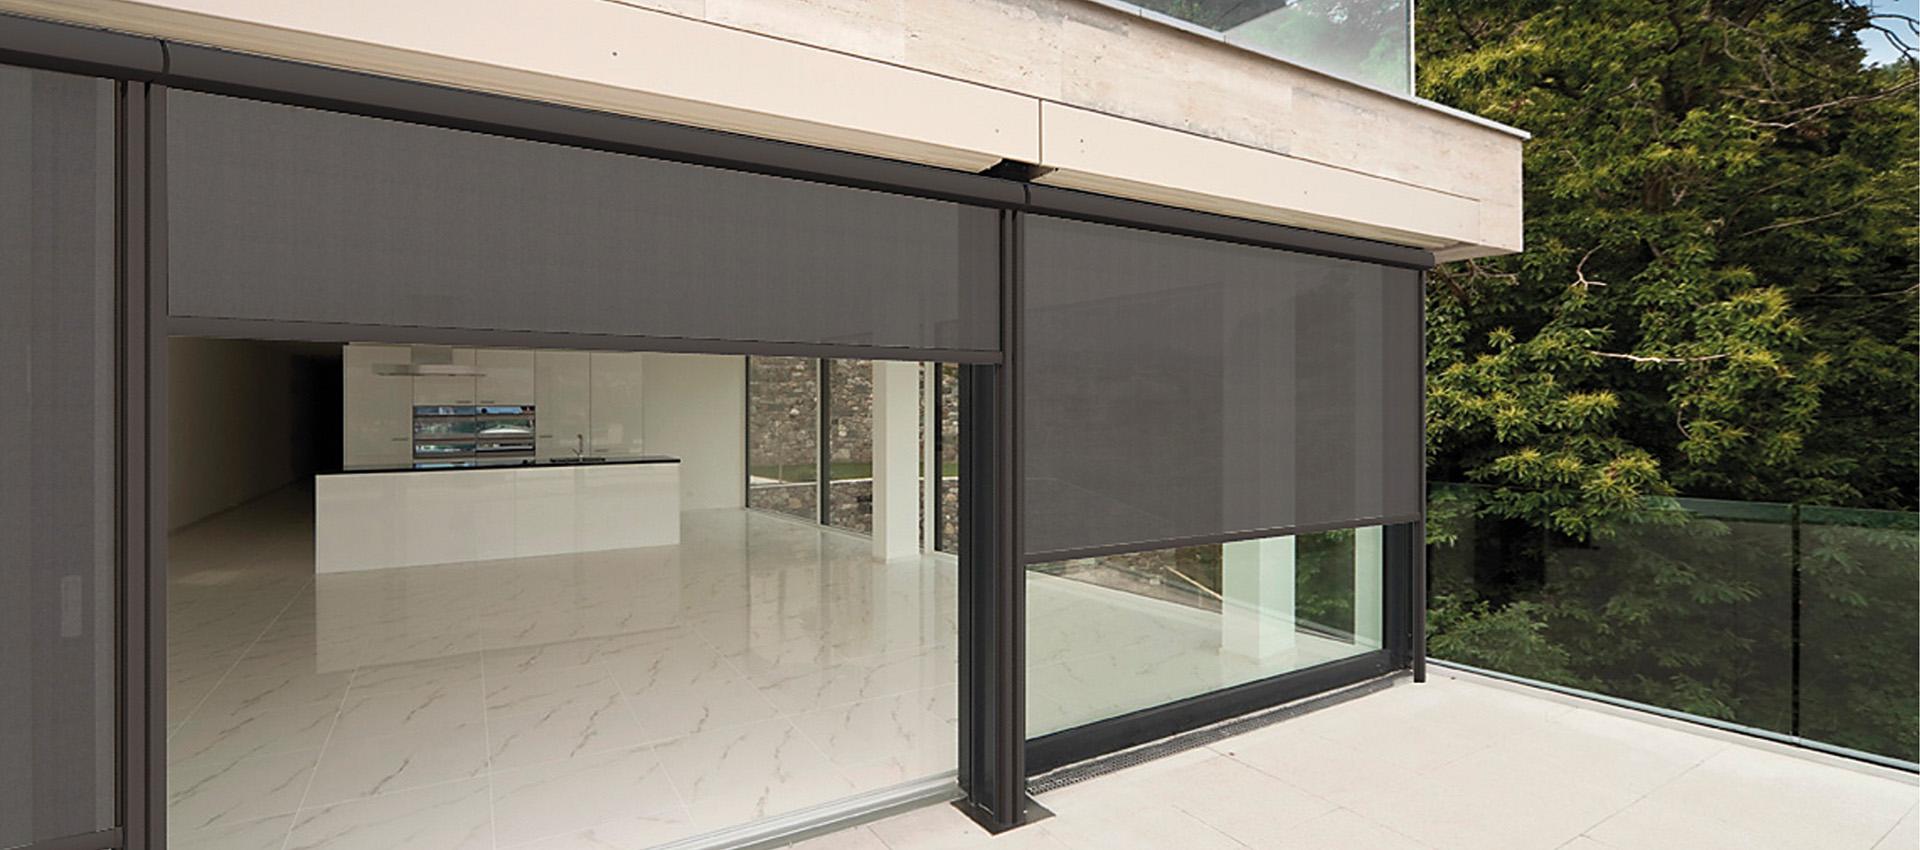 Instalación de cortinas de exterior